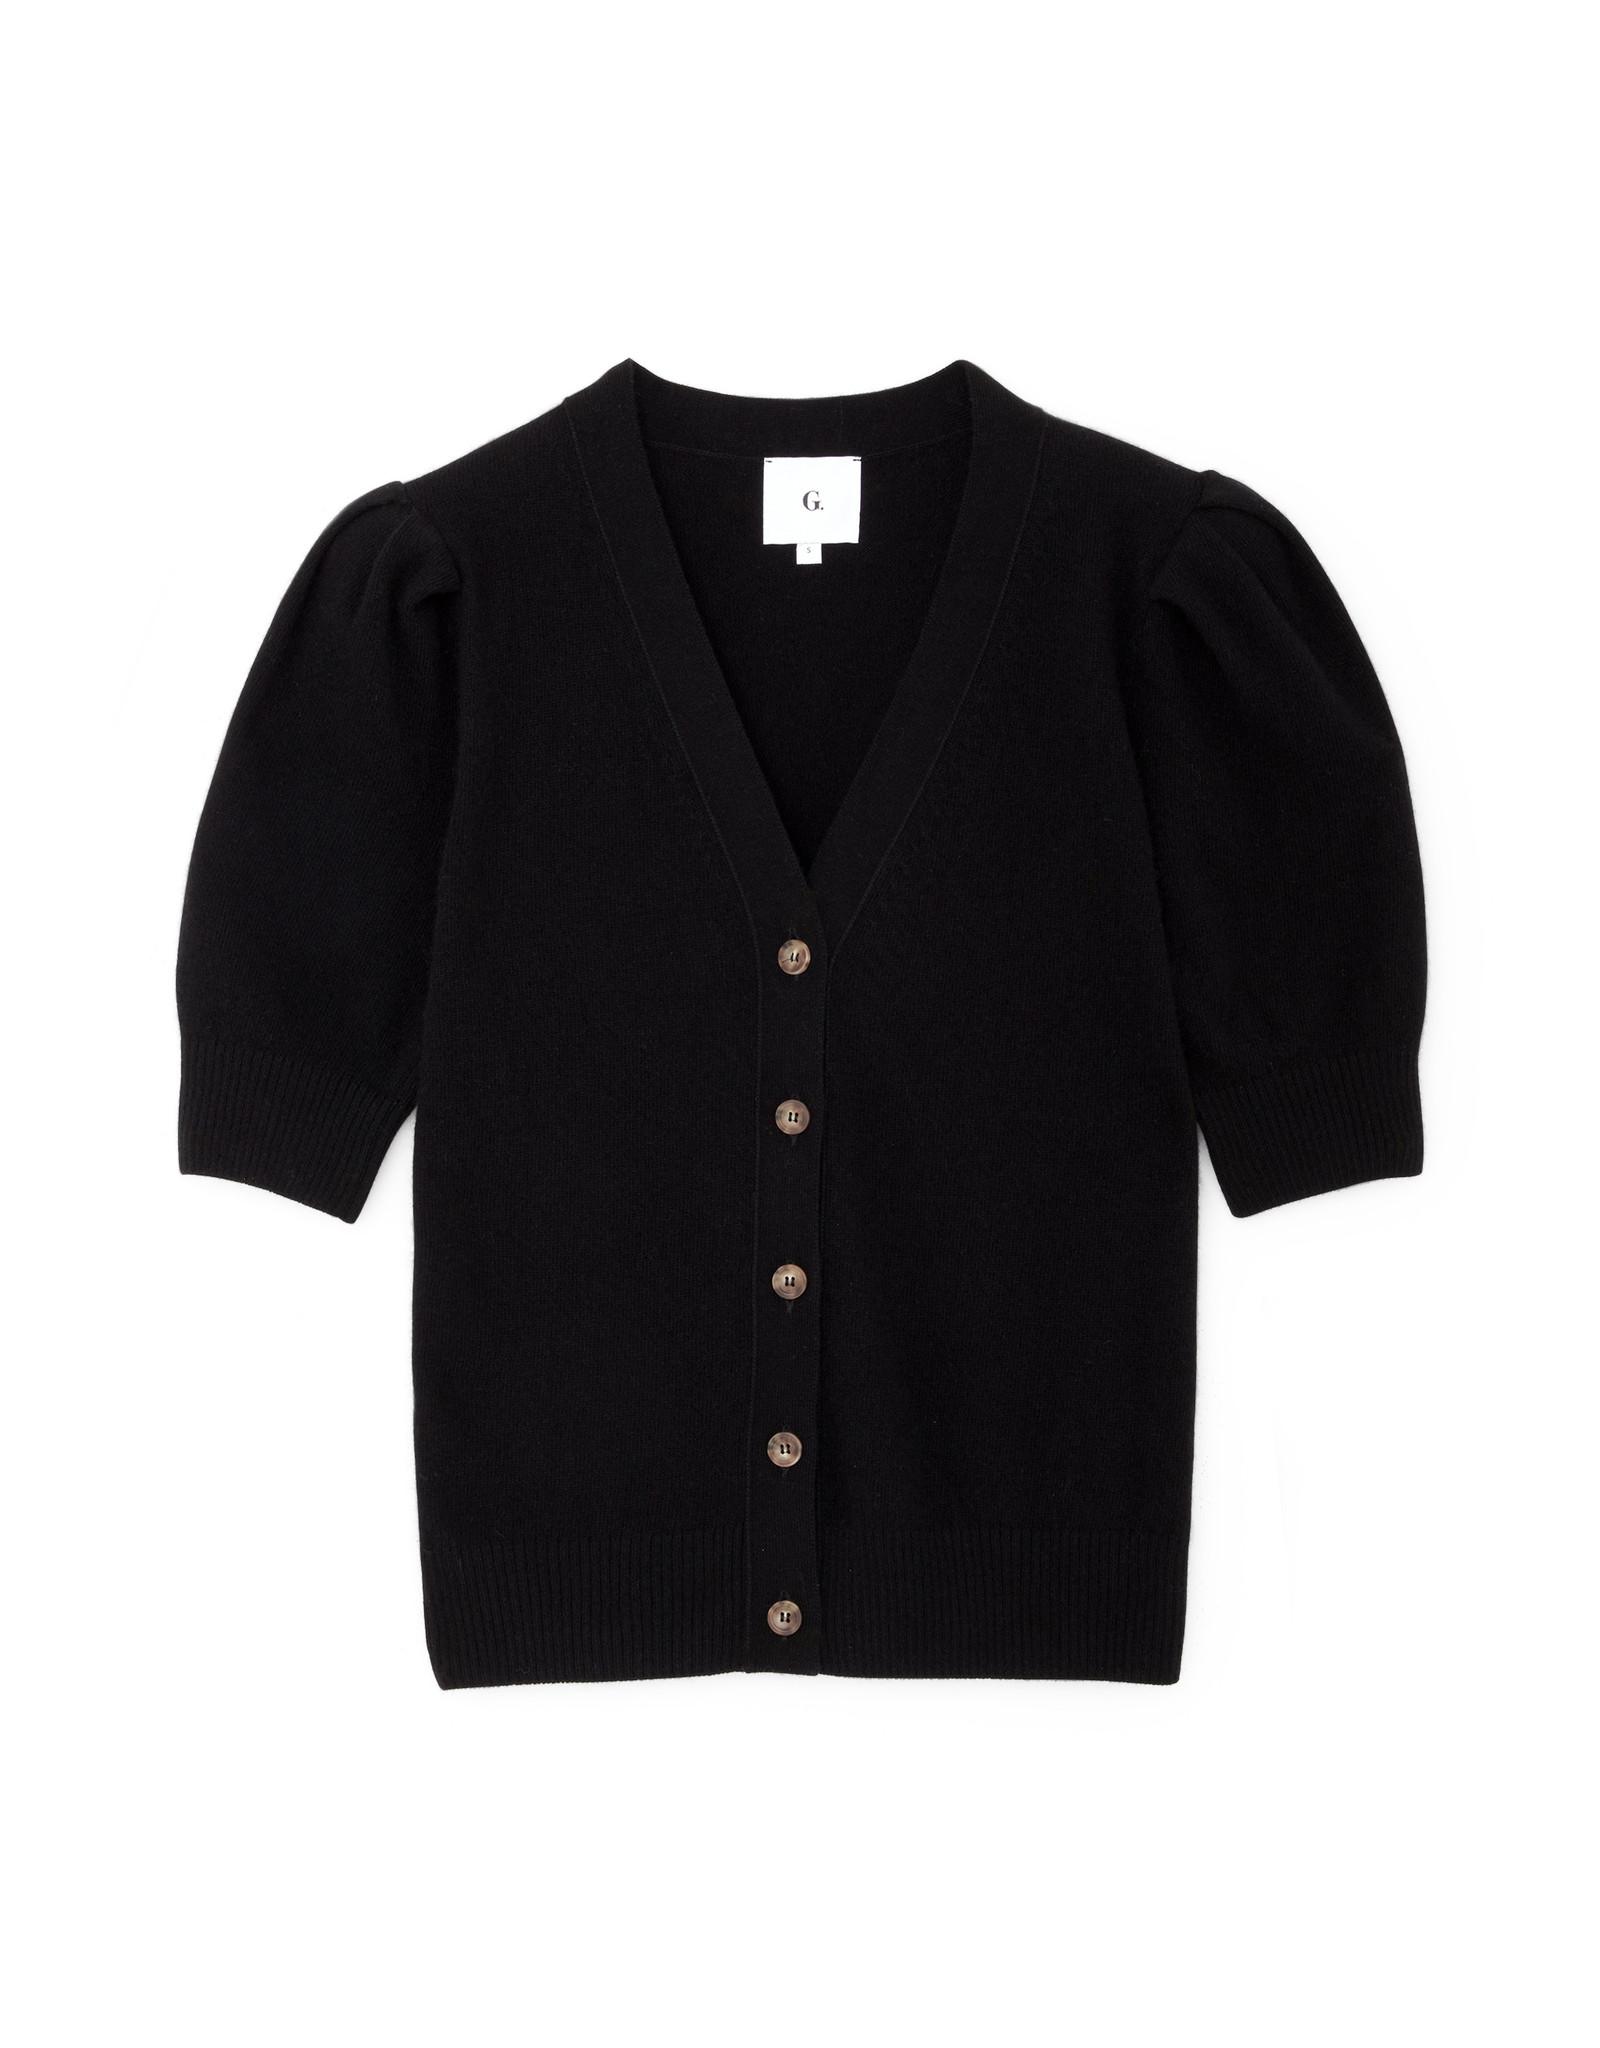 G. Label G. Label Juliette Short Sleeve Cardigan (Color: Black, Size: M)